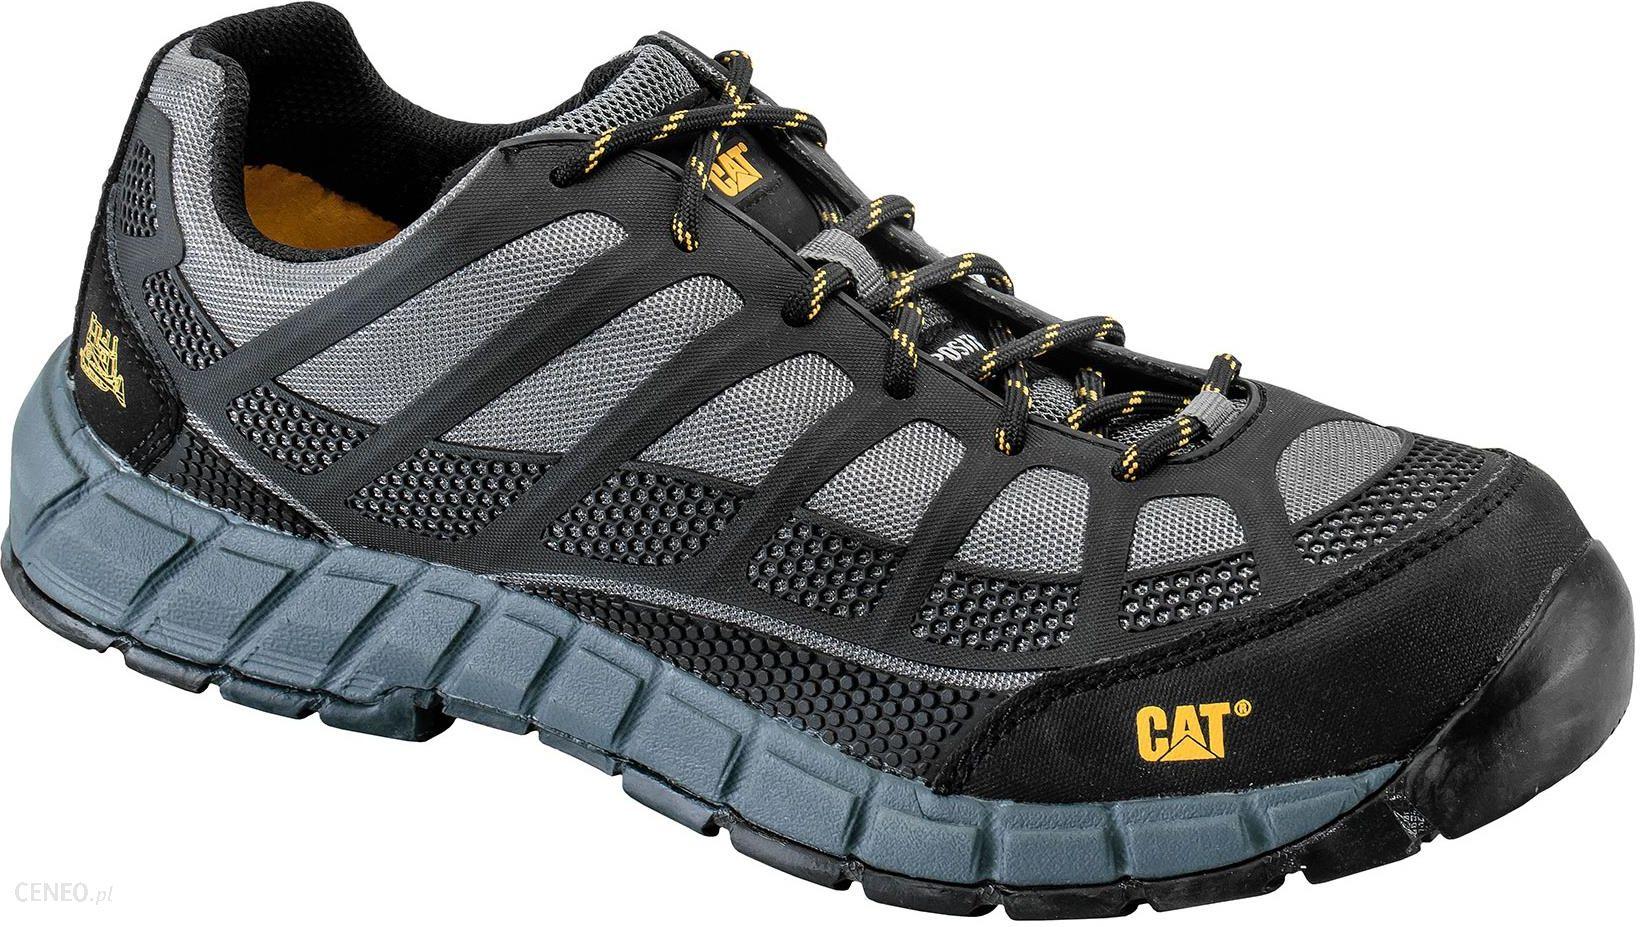 niska cena 100% wysokiej jakości najbardziej popularny Caterpillar Męskie Buty Robocze Streamline Ct S1P Hro Src Szare (P717354)